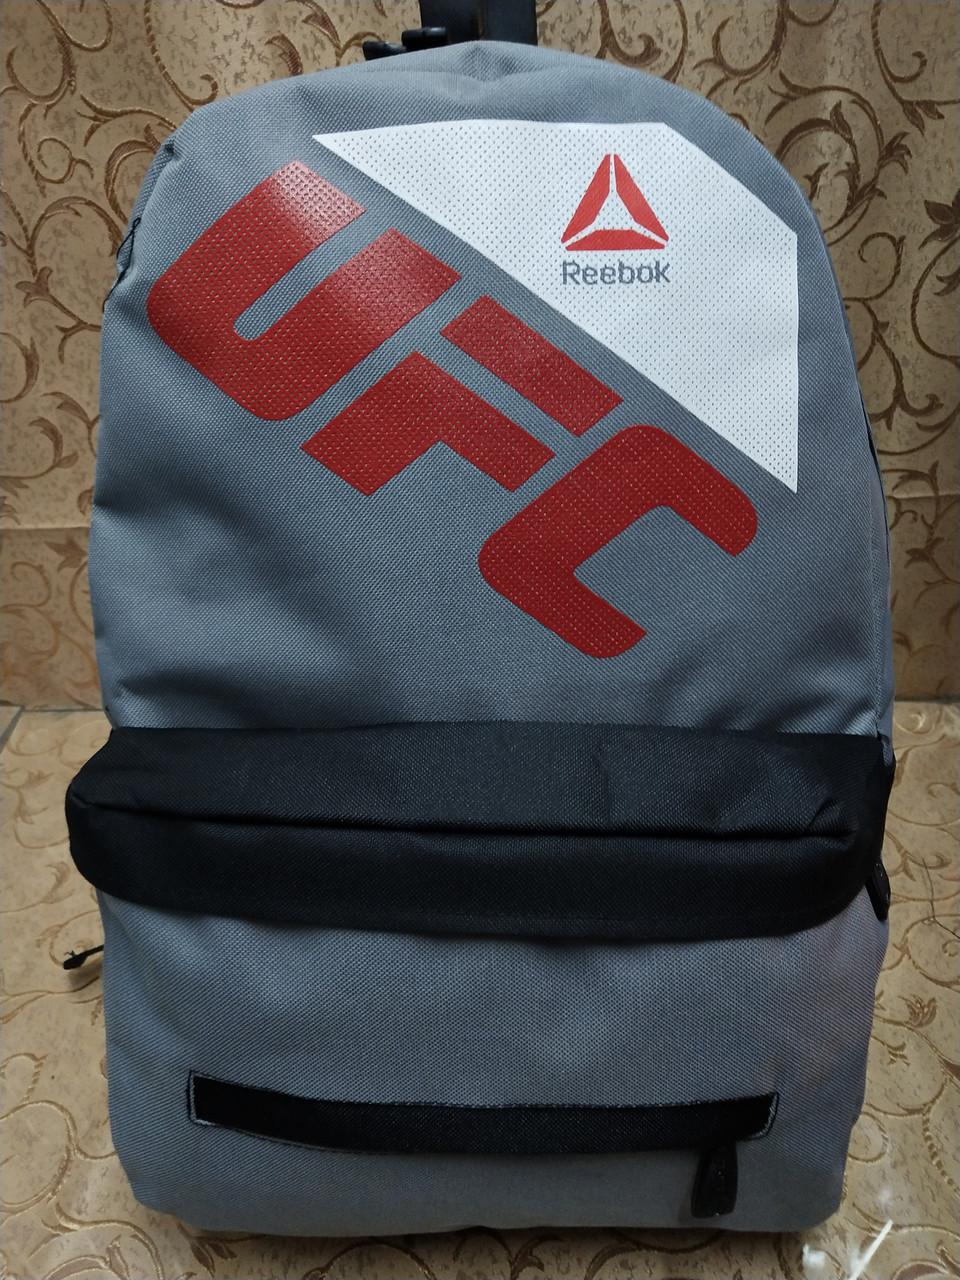 0e61e7a9abc0 Рюкзак UFC-reebok новинки спортивный спорт городской стильный Школьный  рюкзак только оптом - интернет магазин